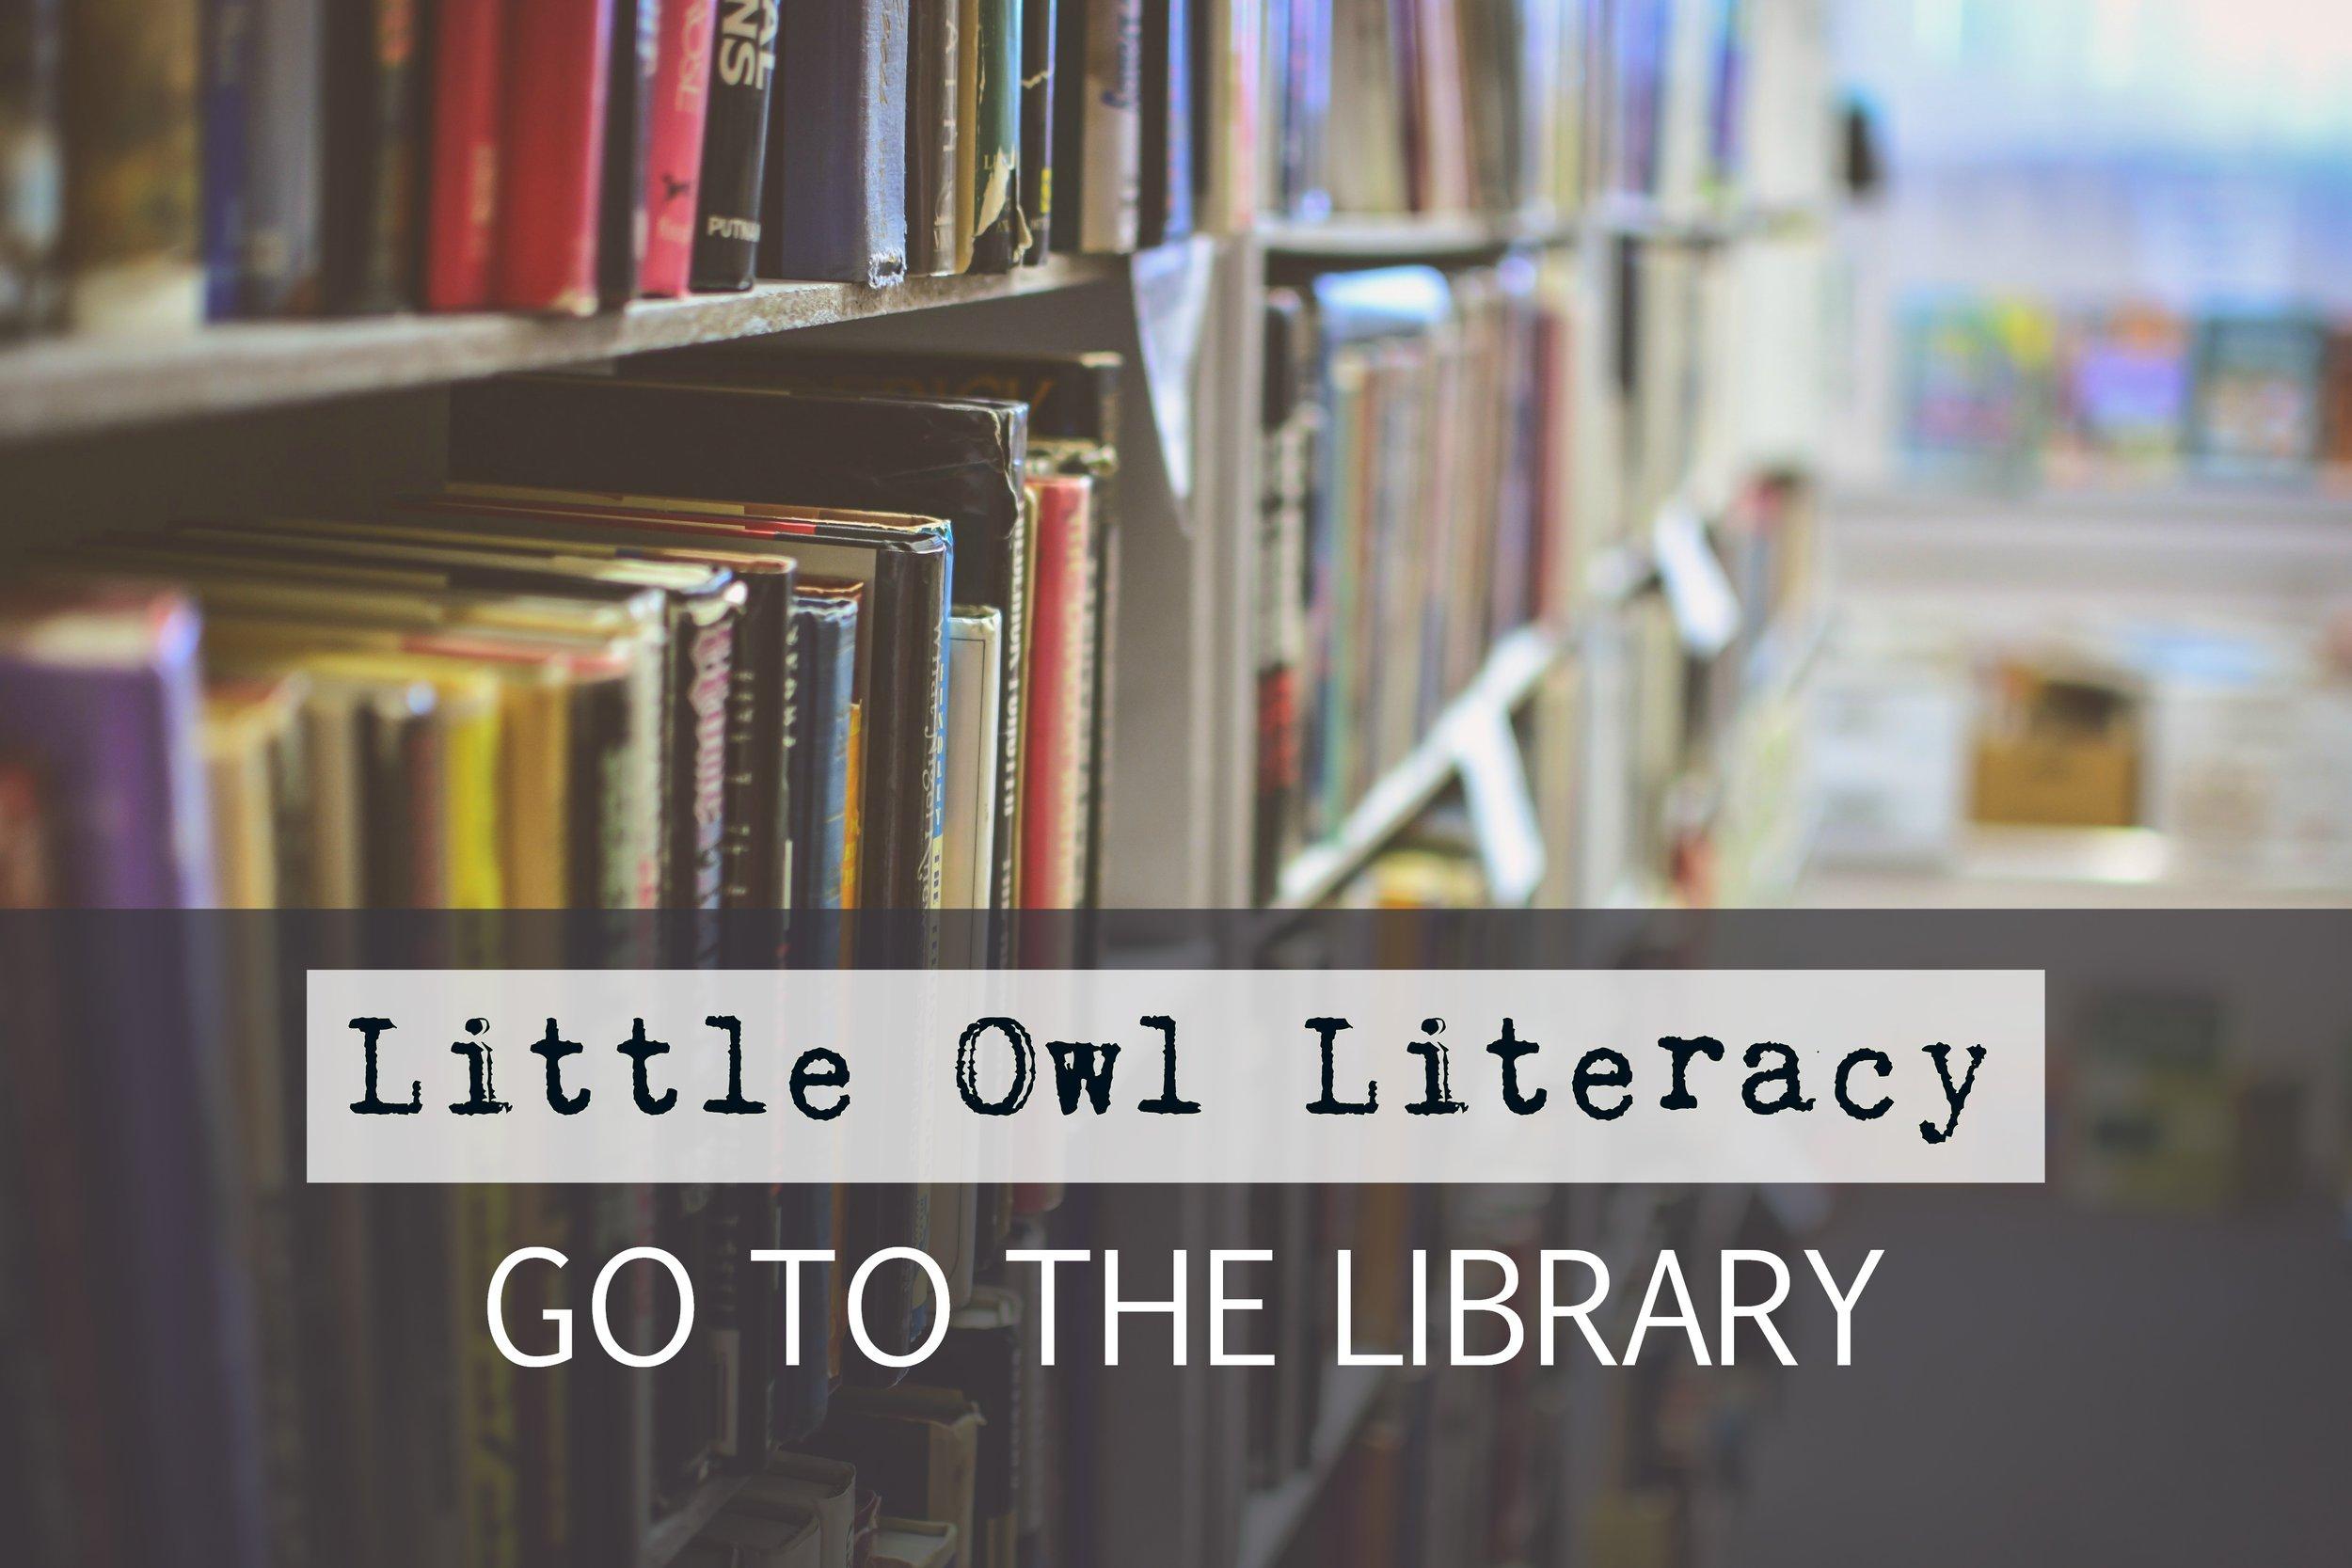 littleowl-library.jpg